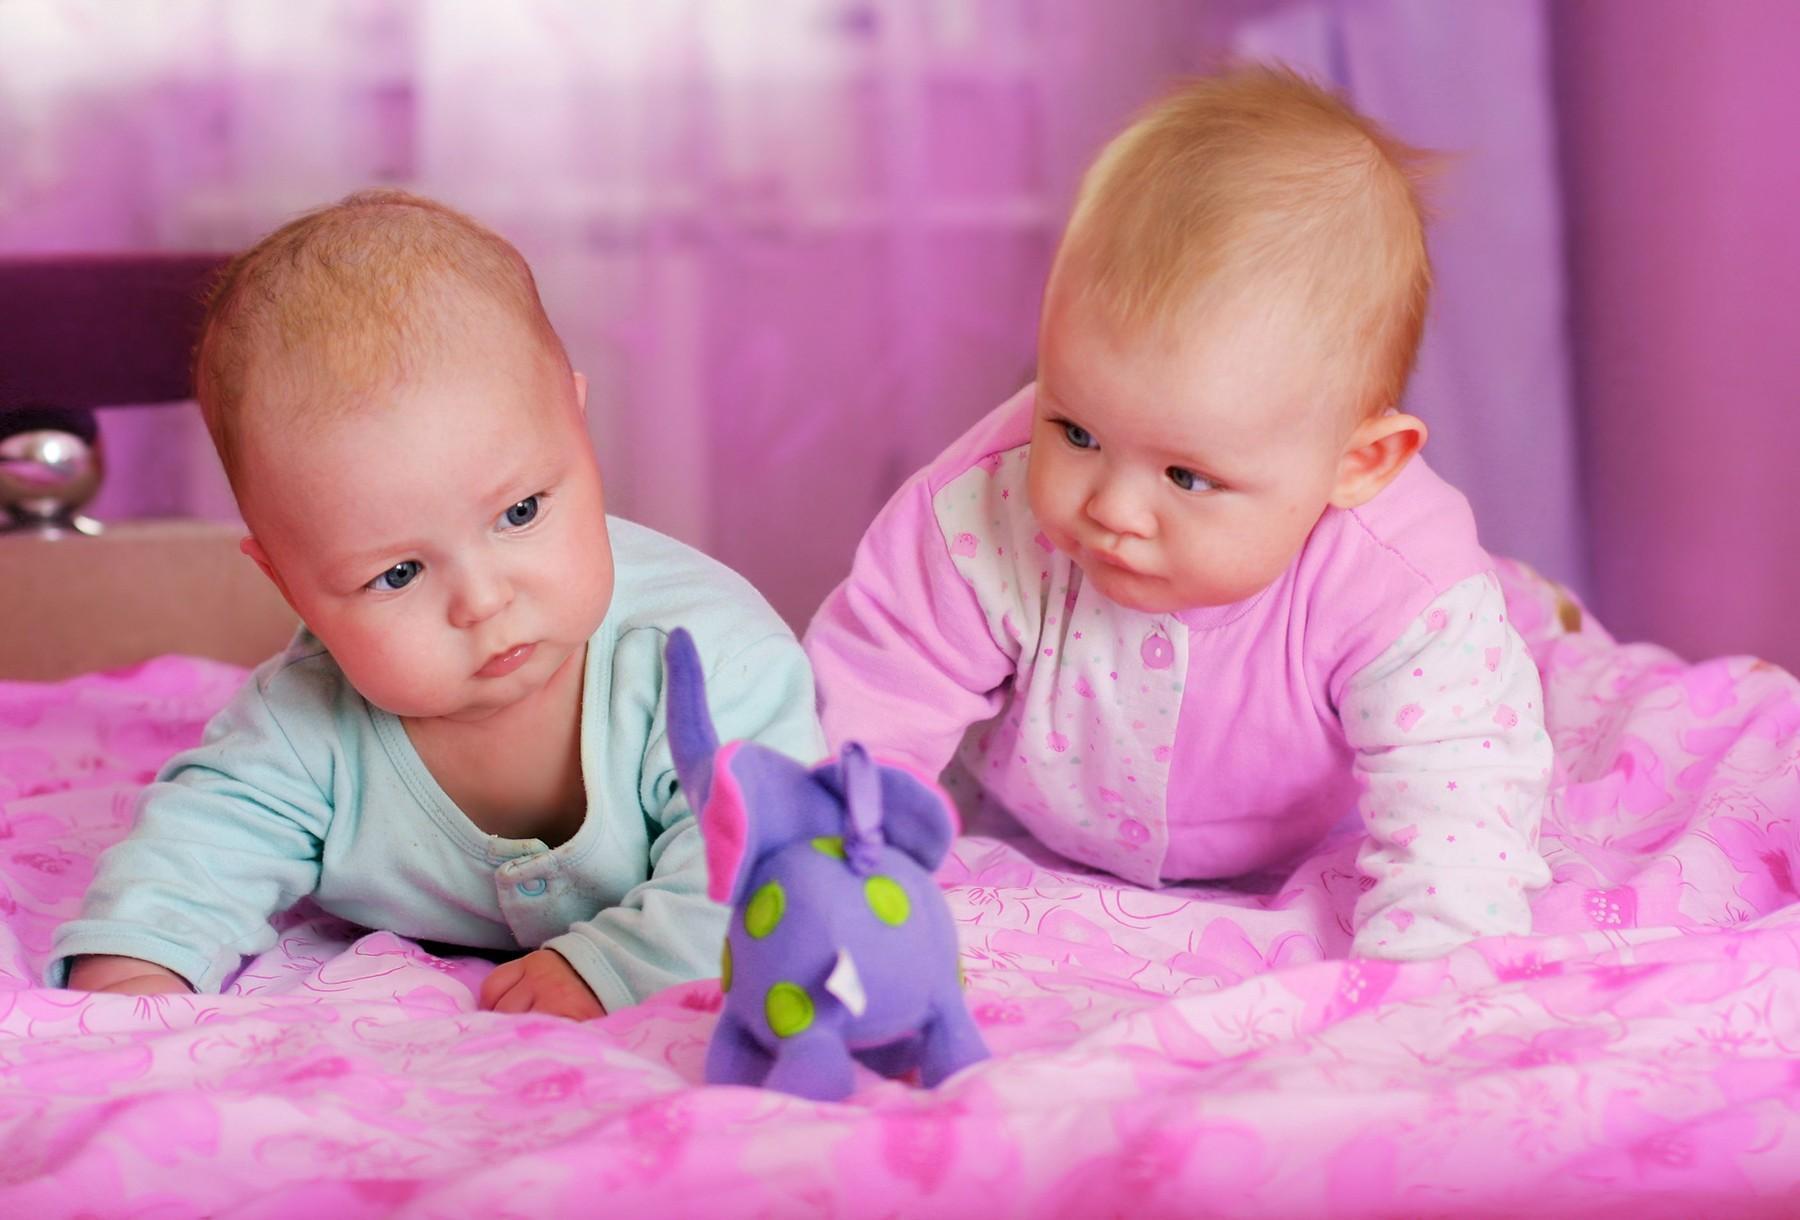 Cum au devenit culorile roz și albastru reprezentative pentru fetițe și băieței